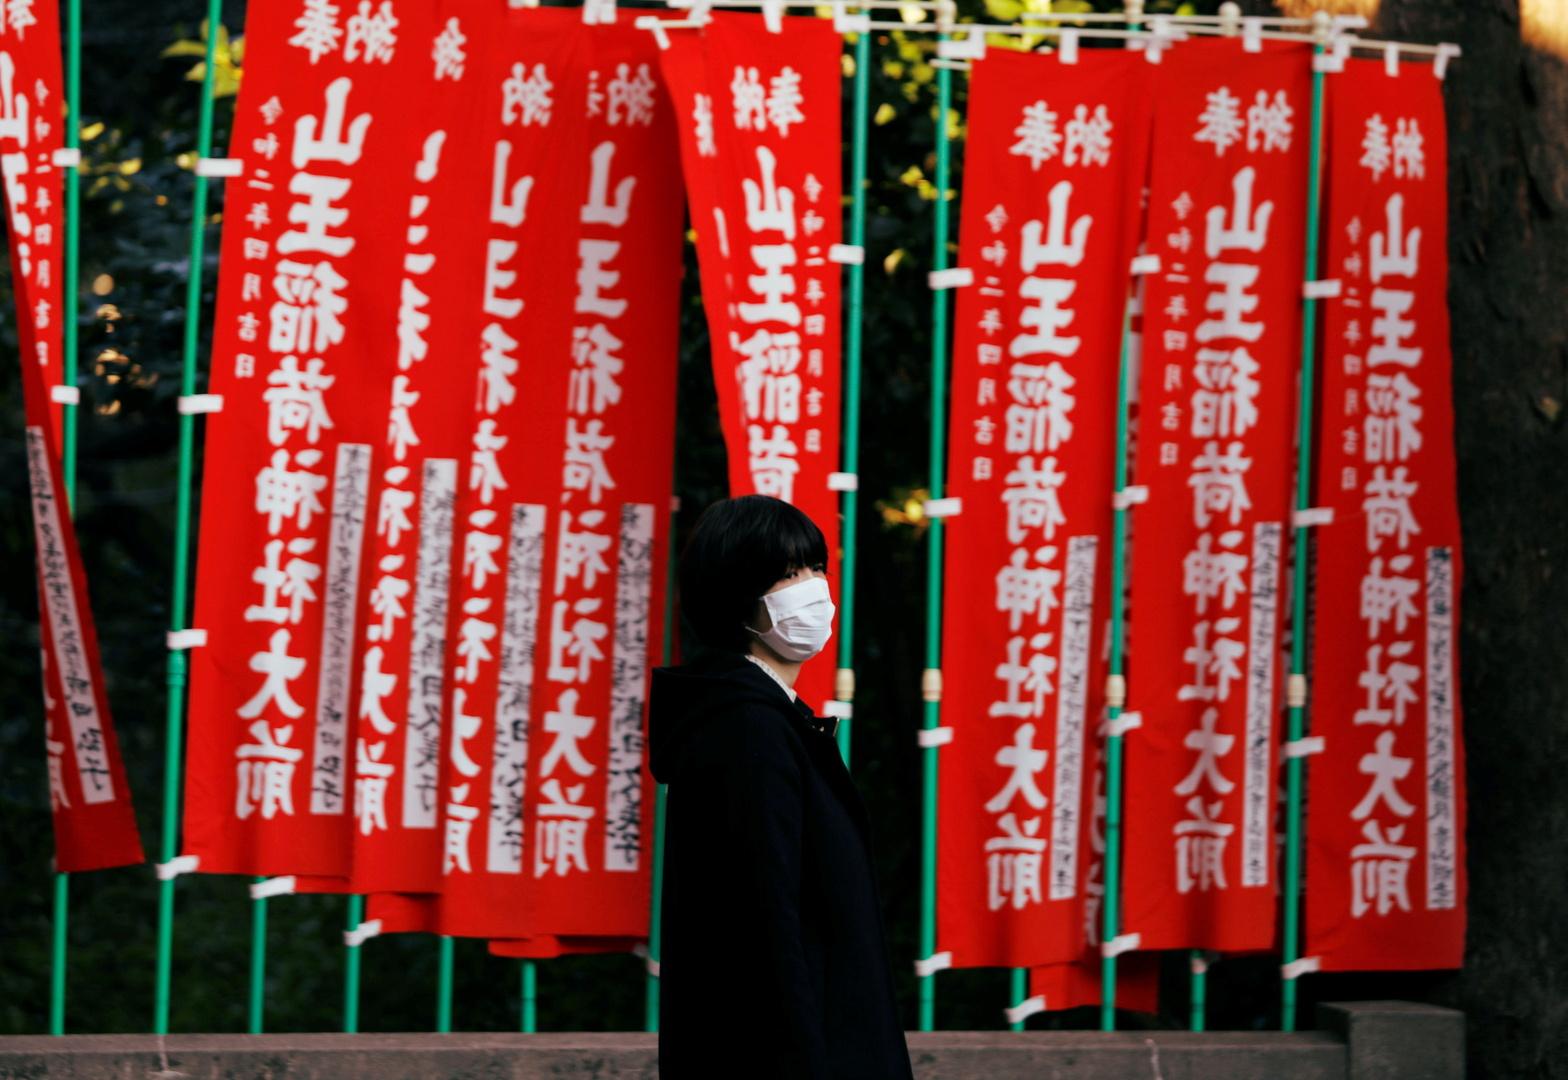 اليابان ترصد 5 إصابات بسلالة كورونا البريطانية